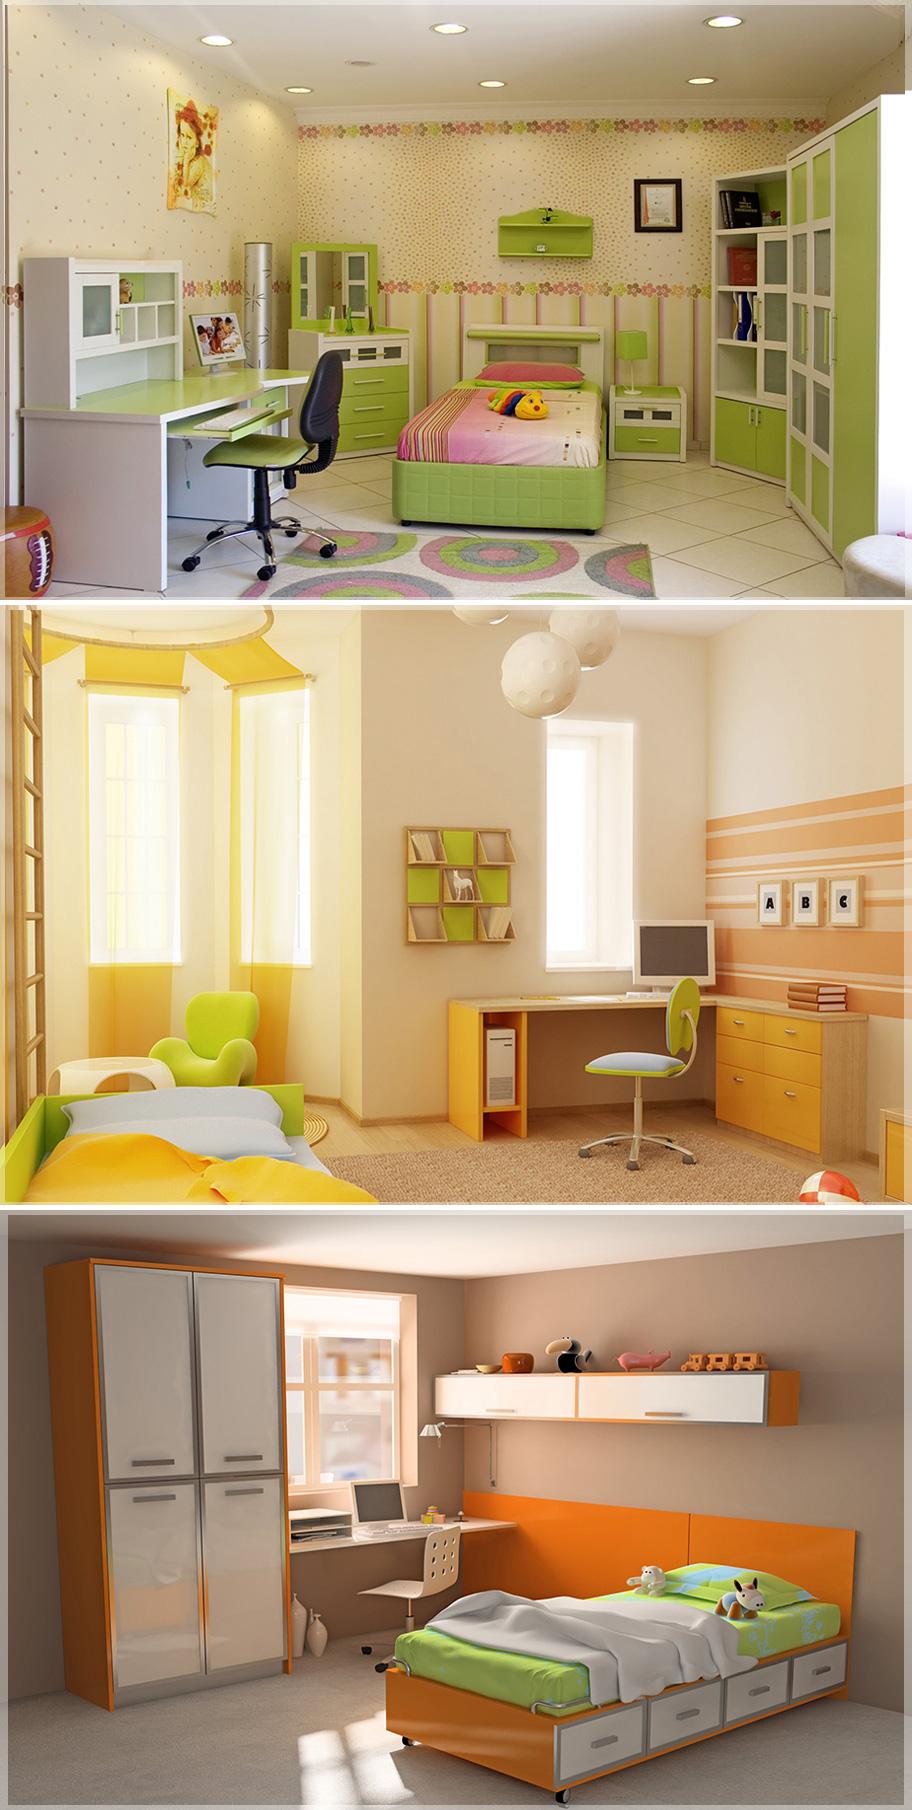 Desain Interior Kamar Tidur Anak Perempuan Dan Laki  Jasa